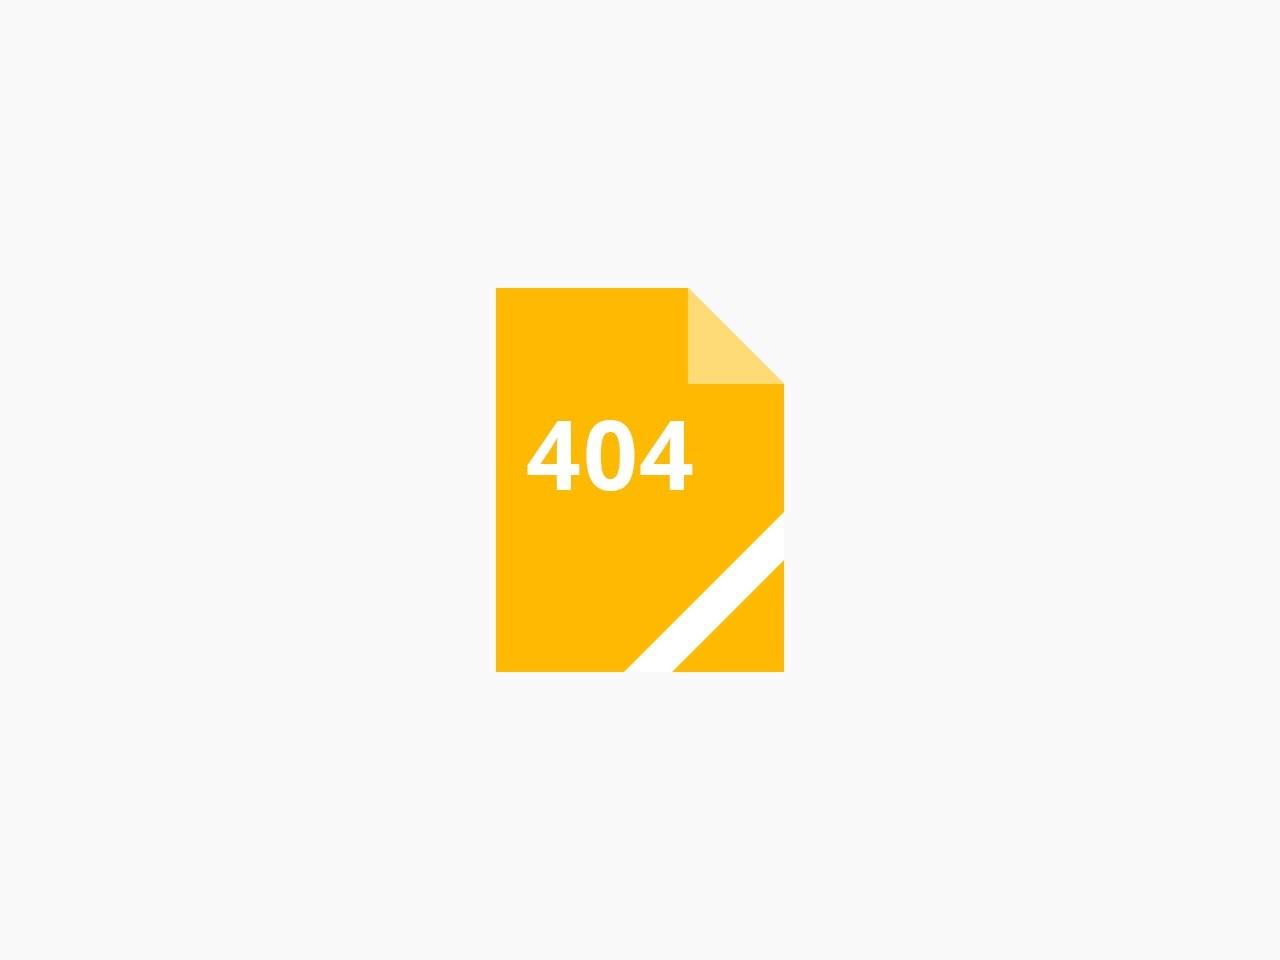 深圳成光兴光电技术股份有限公司-站长导航网